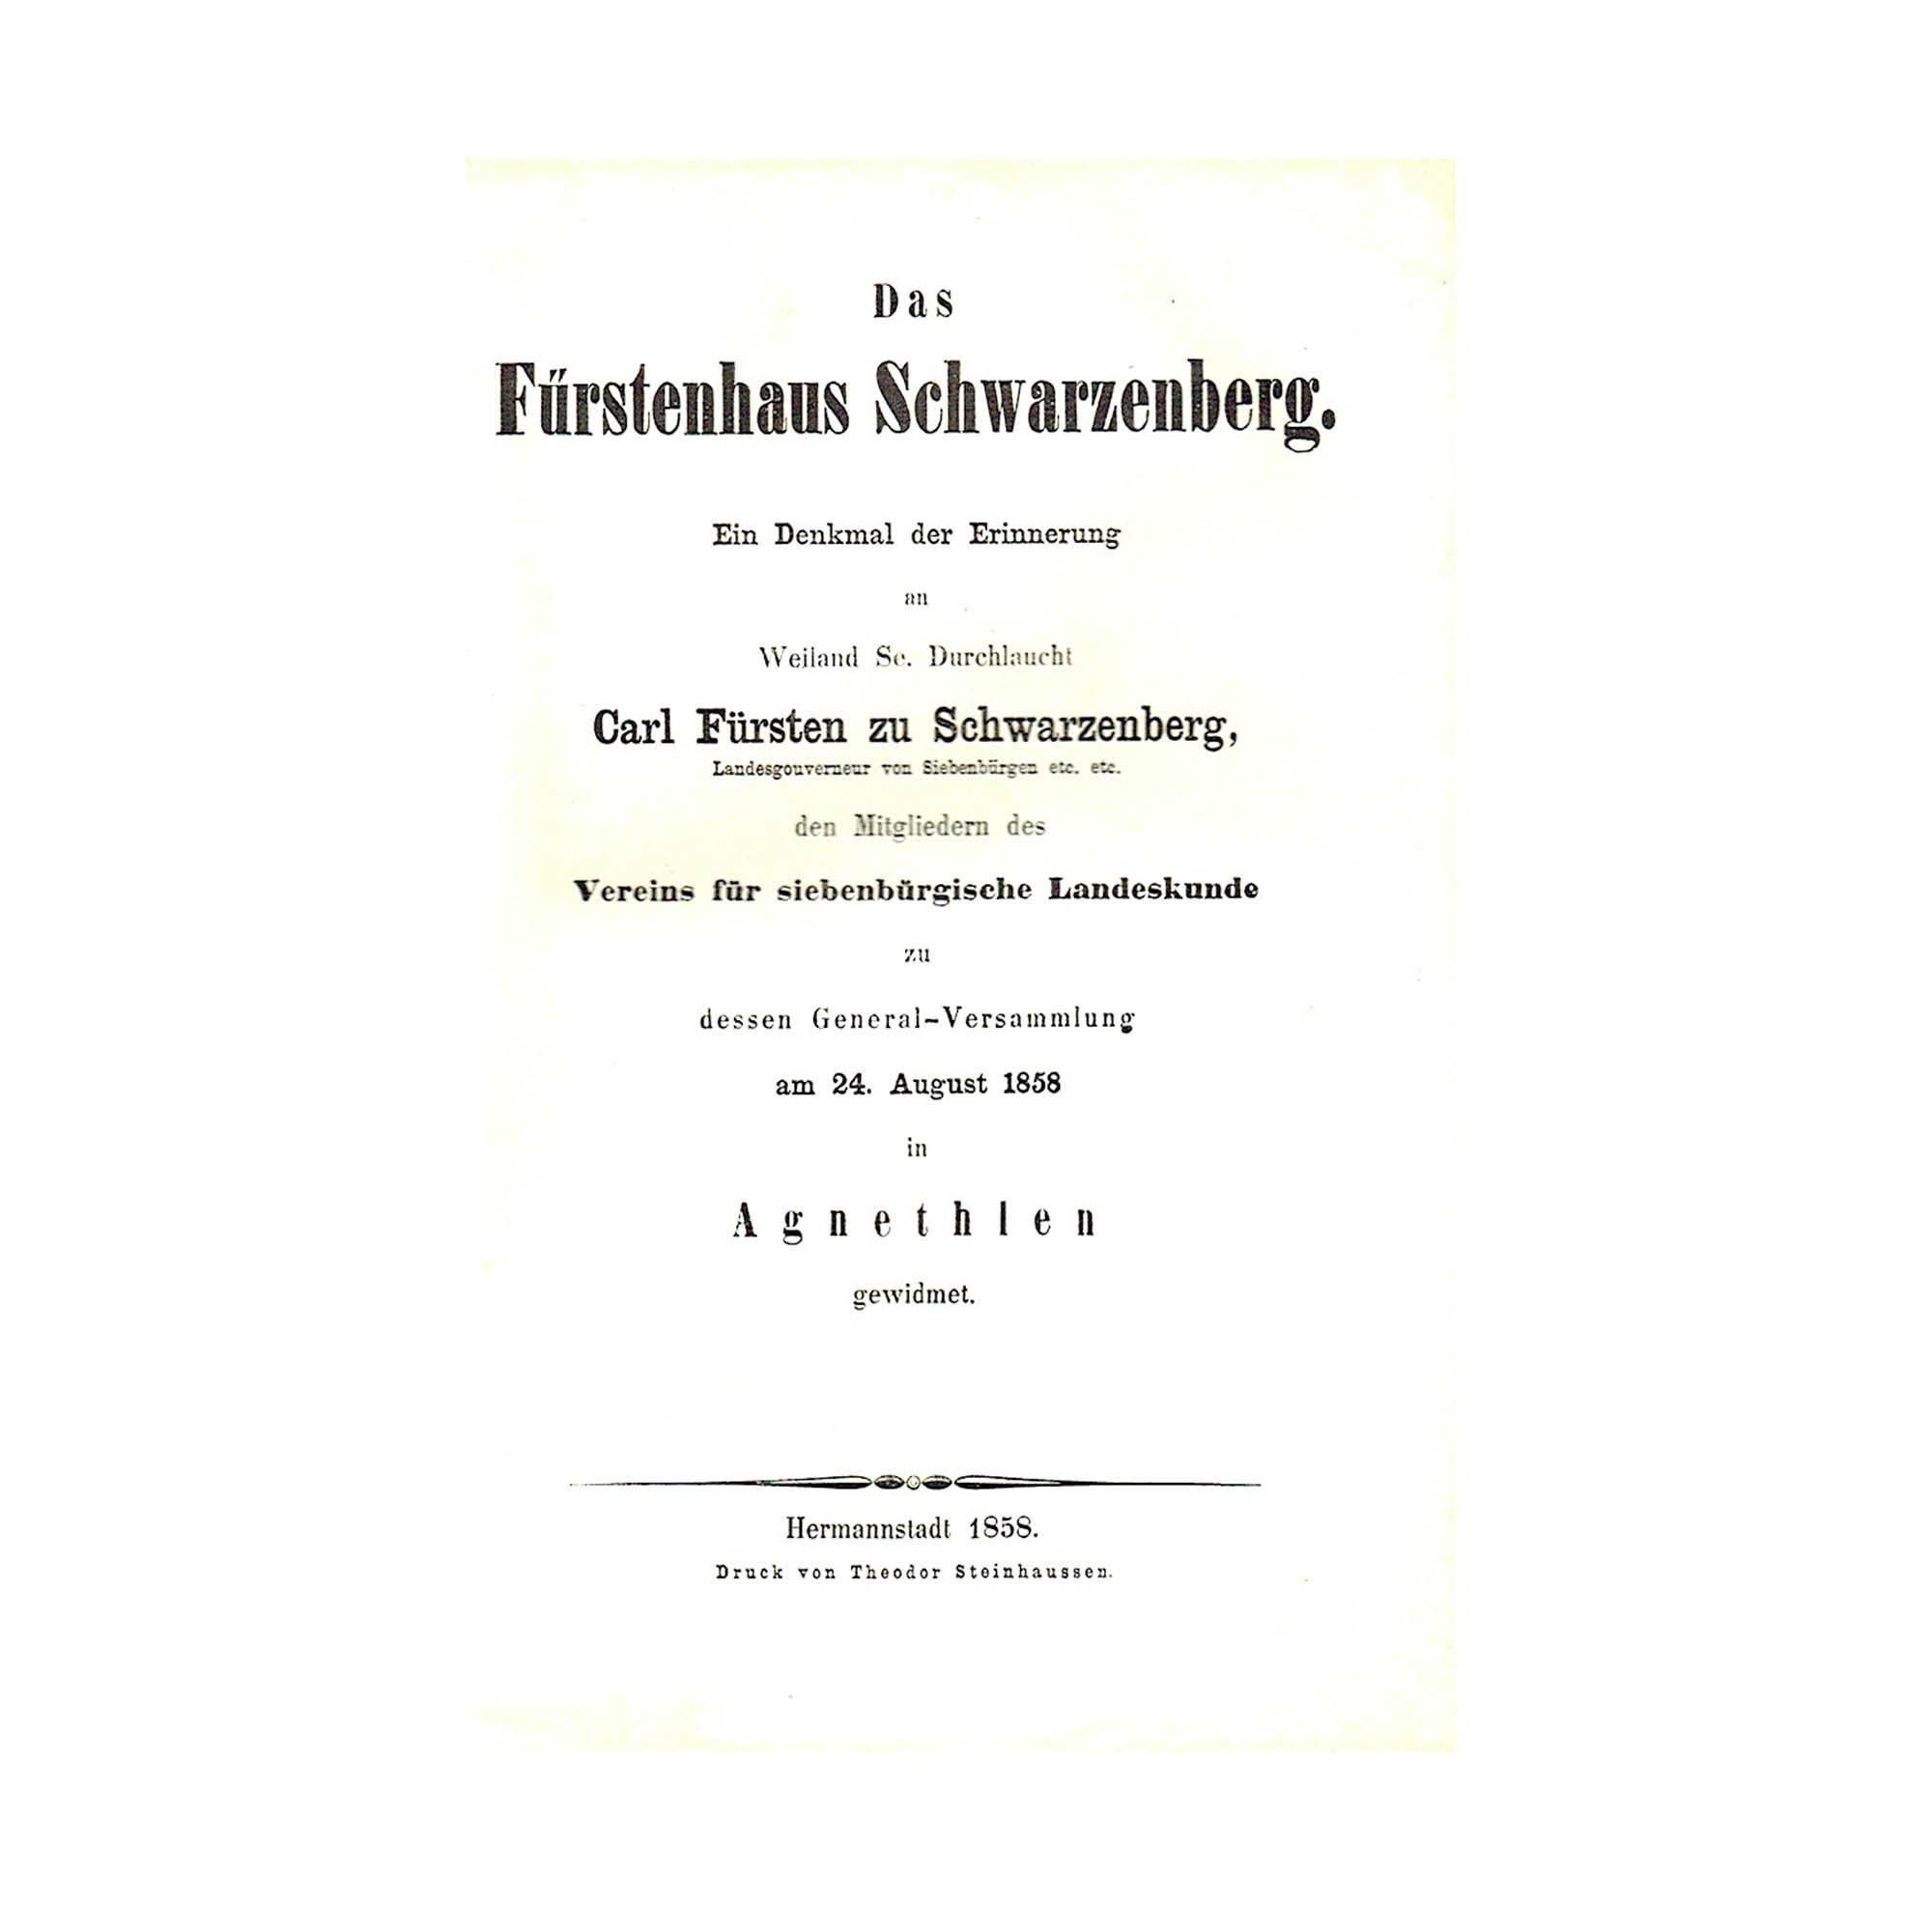 5437-Rannicher-Schwarzenberg-1858-N.jpg